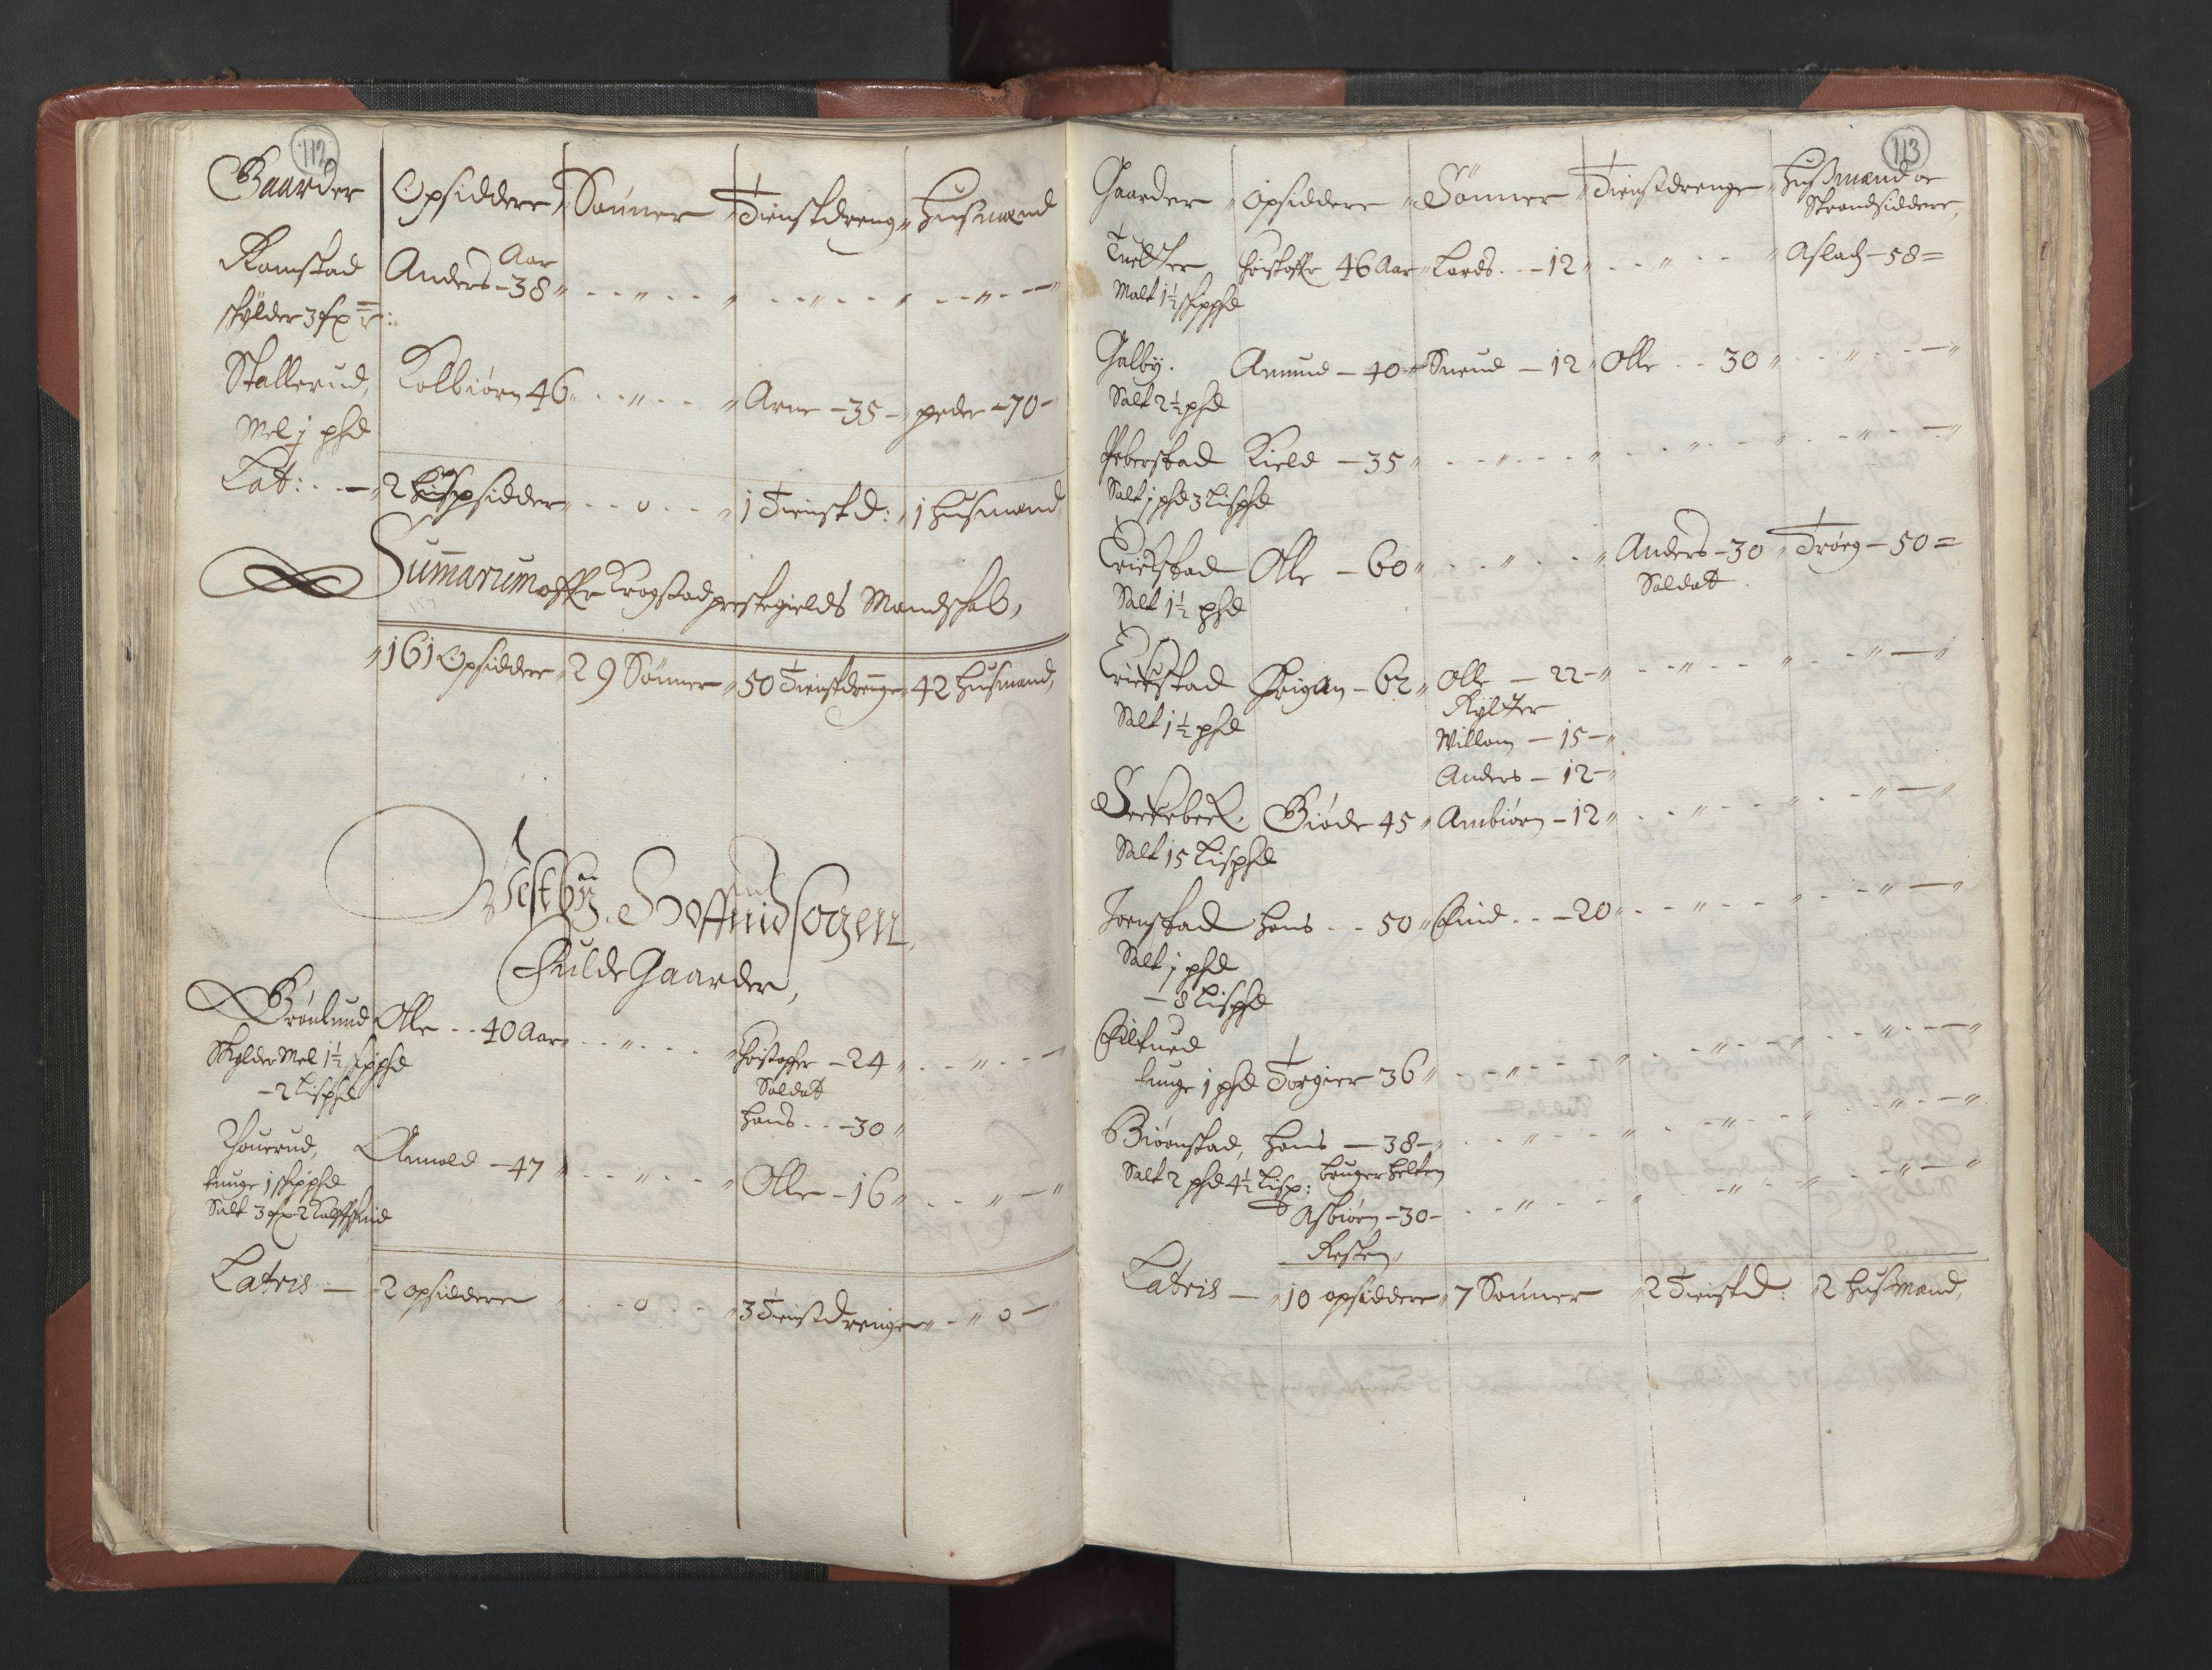 RA, Fogdenes og sorenskrivernes manntall 1664-1666, nr. 2: Aker fogderi, Follo fogderi, Nedre Romerike fogderi og Øvre Romerike fogderi, 1664, s. 112-113